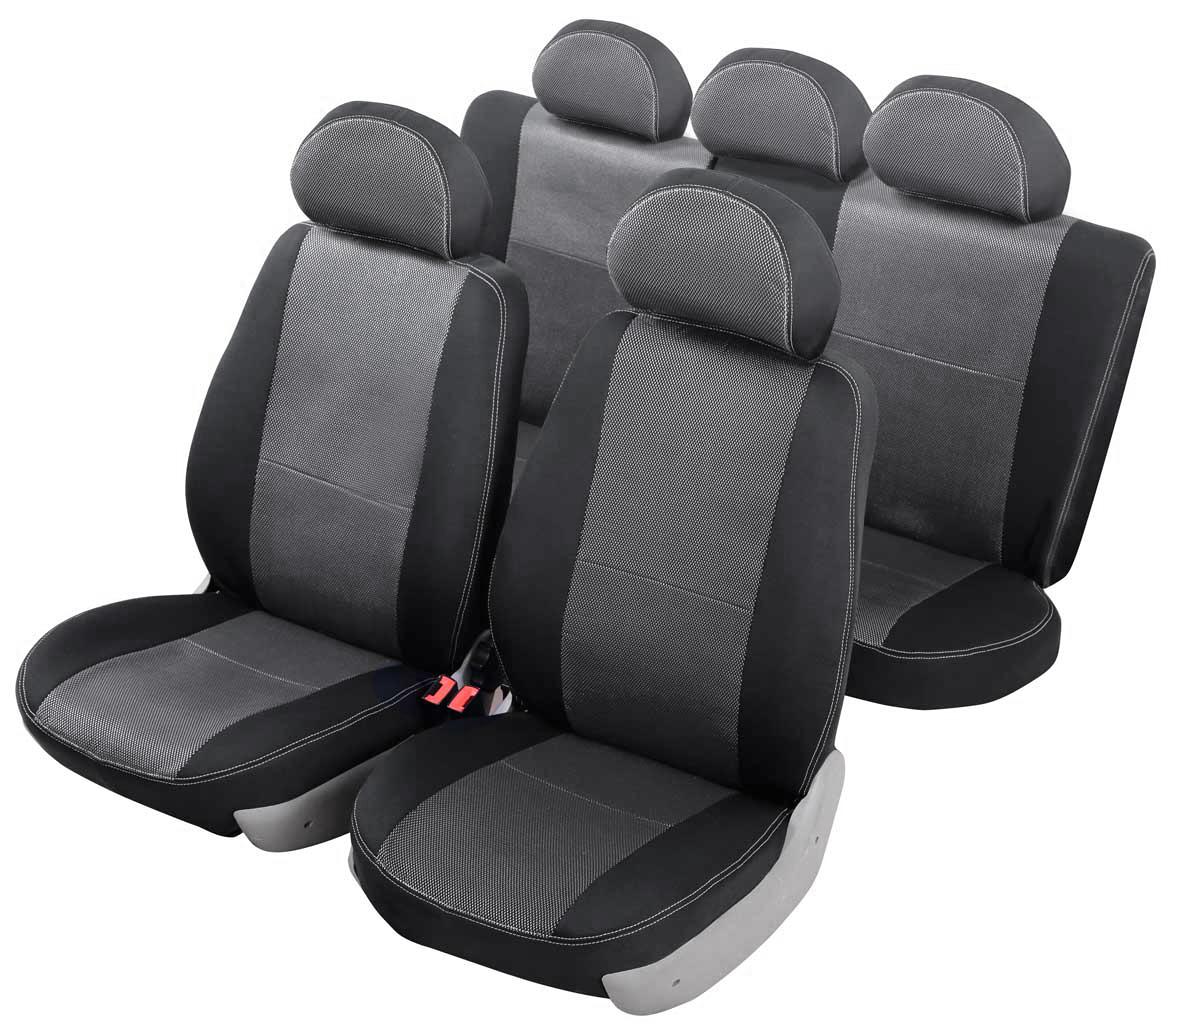 Чехол на автомобильное кресло Senator Dakkar MITSUBISHI LANCER X 2007-н.в сед.2л, разд.зад.спин, цвет: черныйS3010341Разработаны в РФ индивидуально для каждой модели автомобиля. Чехлы Senator Dakkar серийно выпускаются на собственном швейном производстве в России. Чехлы идеально повторяют штатную форму сидений и выглядят как оригинальная обивка сидений. Для простоты установки используется липучка Velcro, учтены все технологические отверстия. Чехлы сохраняют полную функциональность салона – трасформация сидений, возможность установки детских кресел ISOFIX, не препятствуют работе подушек безопасности AIRBAG и подогрева сидений. Дизайн чехлов Senator Dakkar приближен к оригинальной обивке салона. Чехлы имеют вставки из жаккарда по центру переднего сиденья и на подголовниках. Декоративная контрастная прострочка по периметру авточехлов придает стильный и изысканный внешний вид интерьеру автомобиля. Чехлы Senator Dakkar изготовлены из сверхпрочного жаккарда, триплированного огнеупорным поролоном толщиной 3 мм, за счет чего чехол приобретает дополнительную мягкость. Подложка из спандбонда сохраняет...